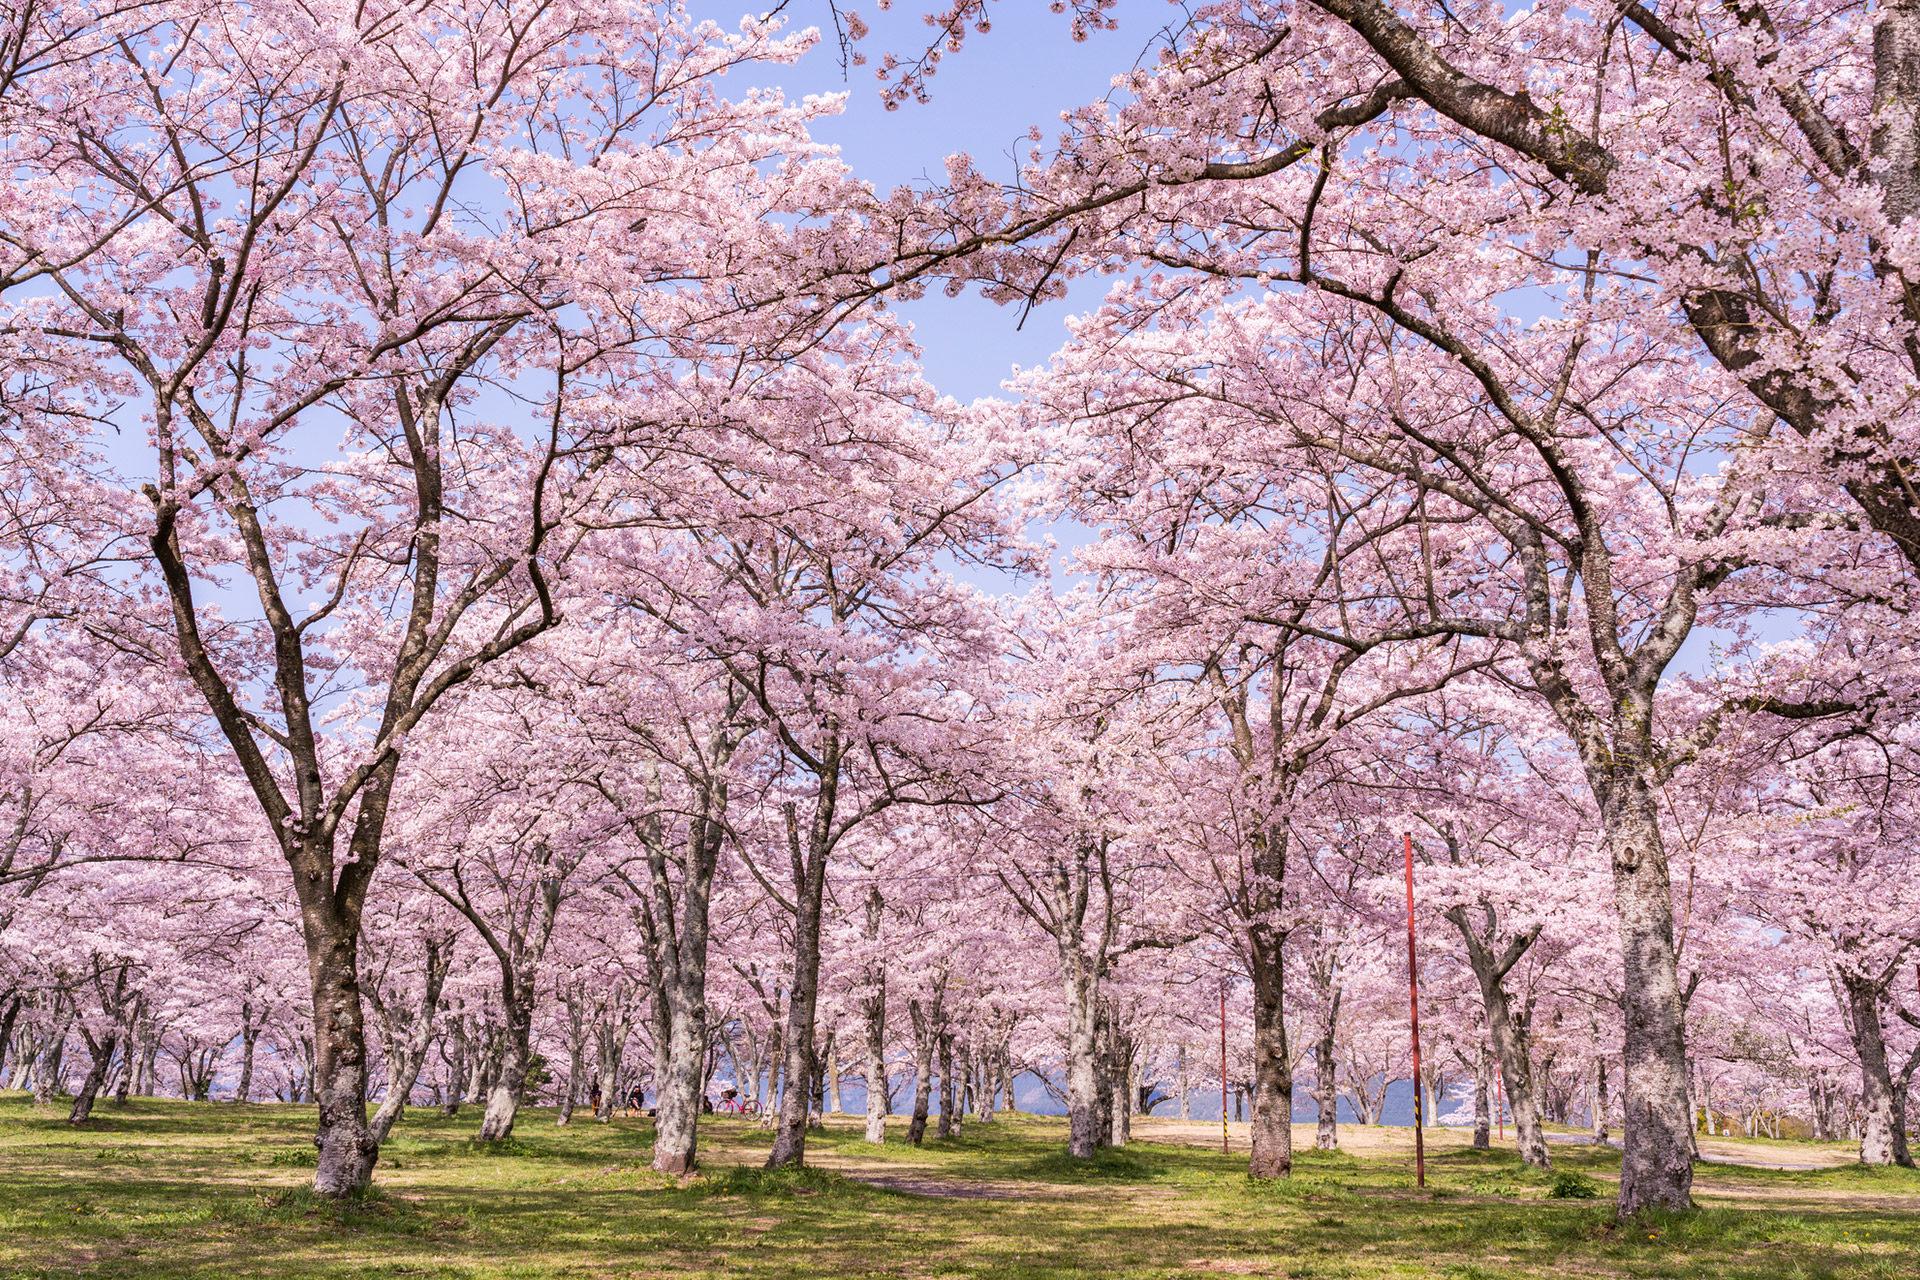 桜-満開-イメージ-風景